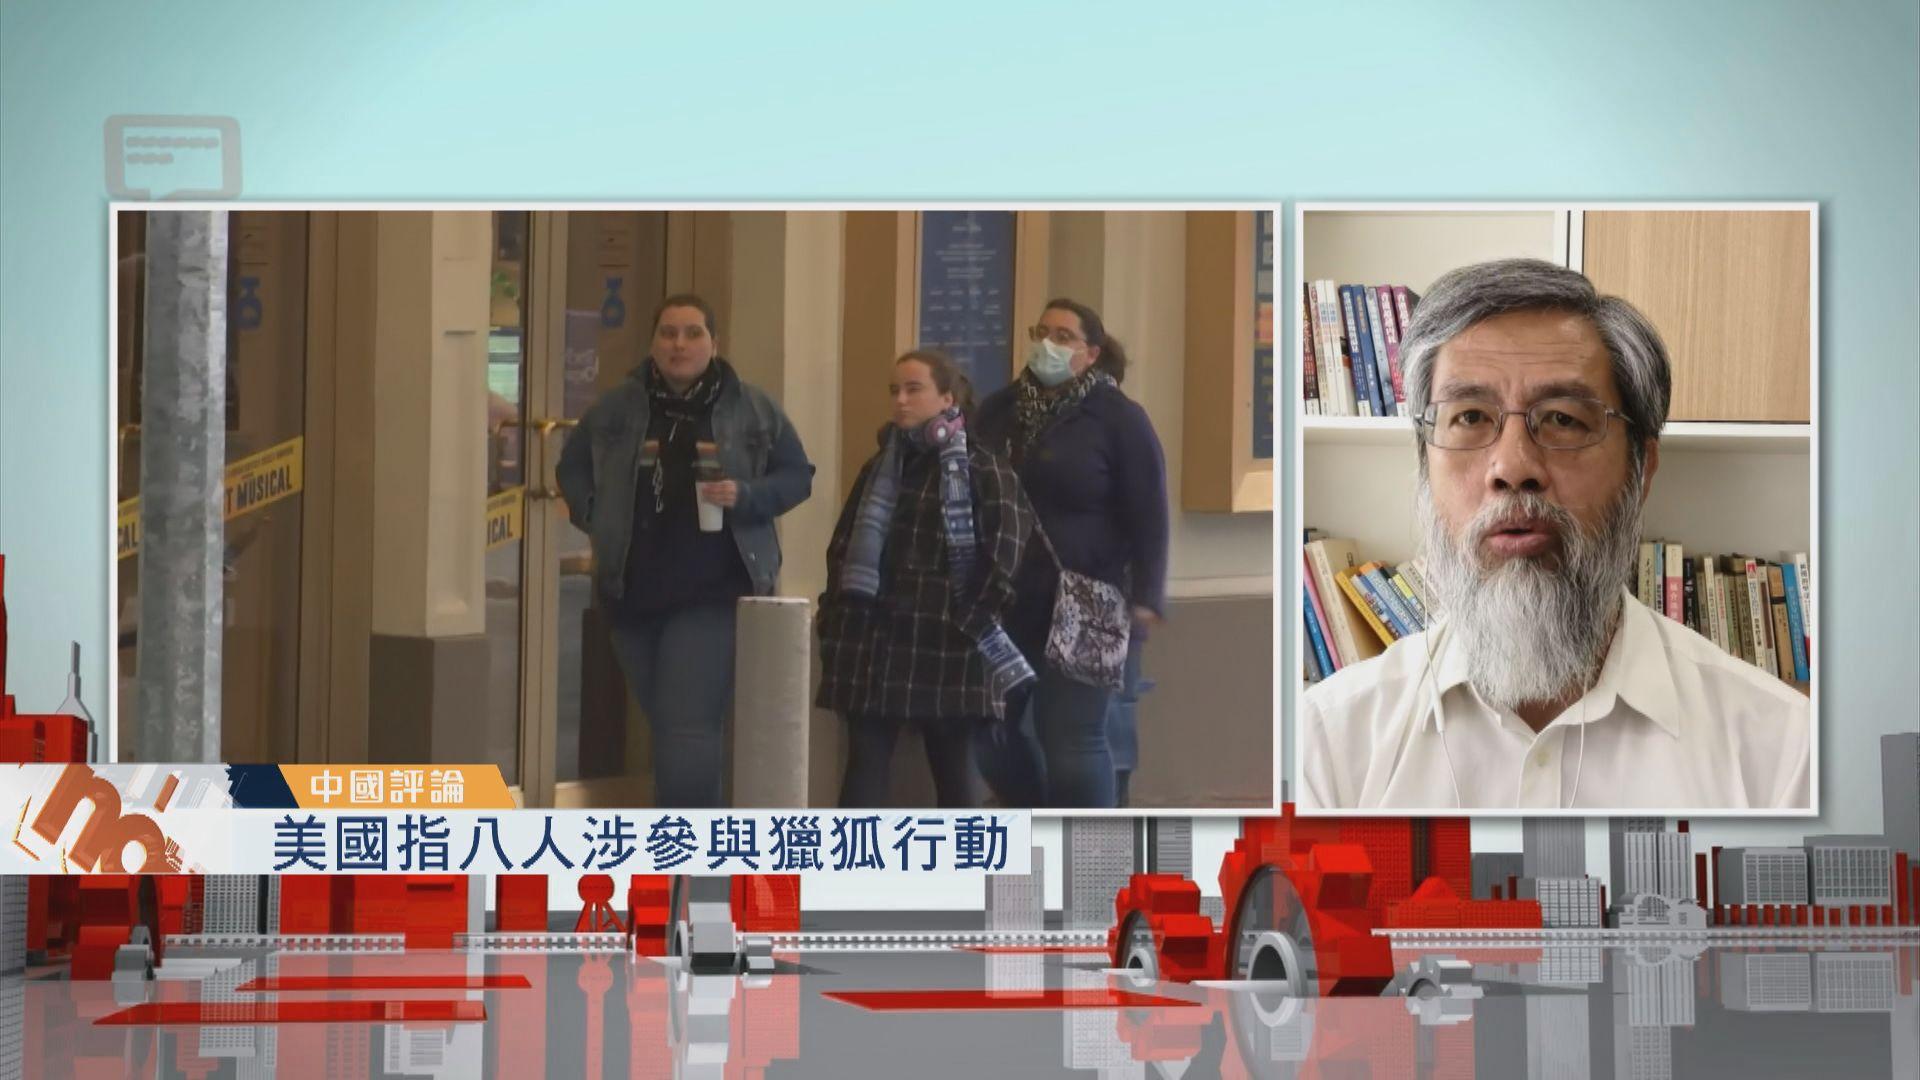 【中國評論】獵狐行動/大灣區九城市經濟增長